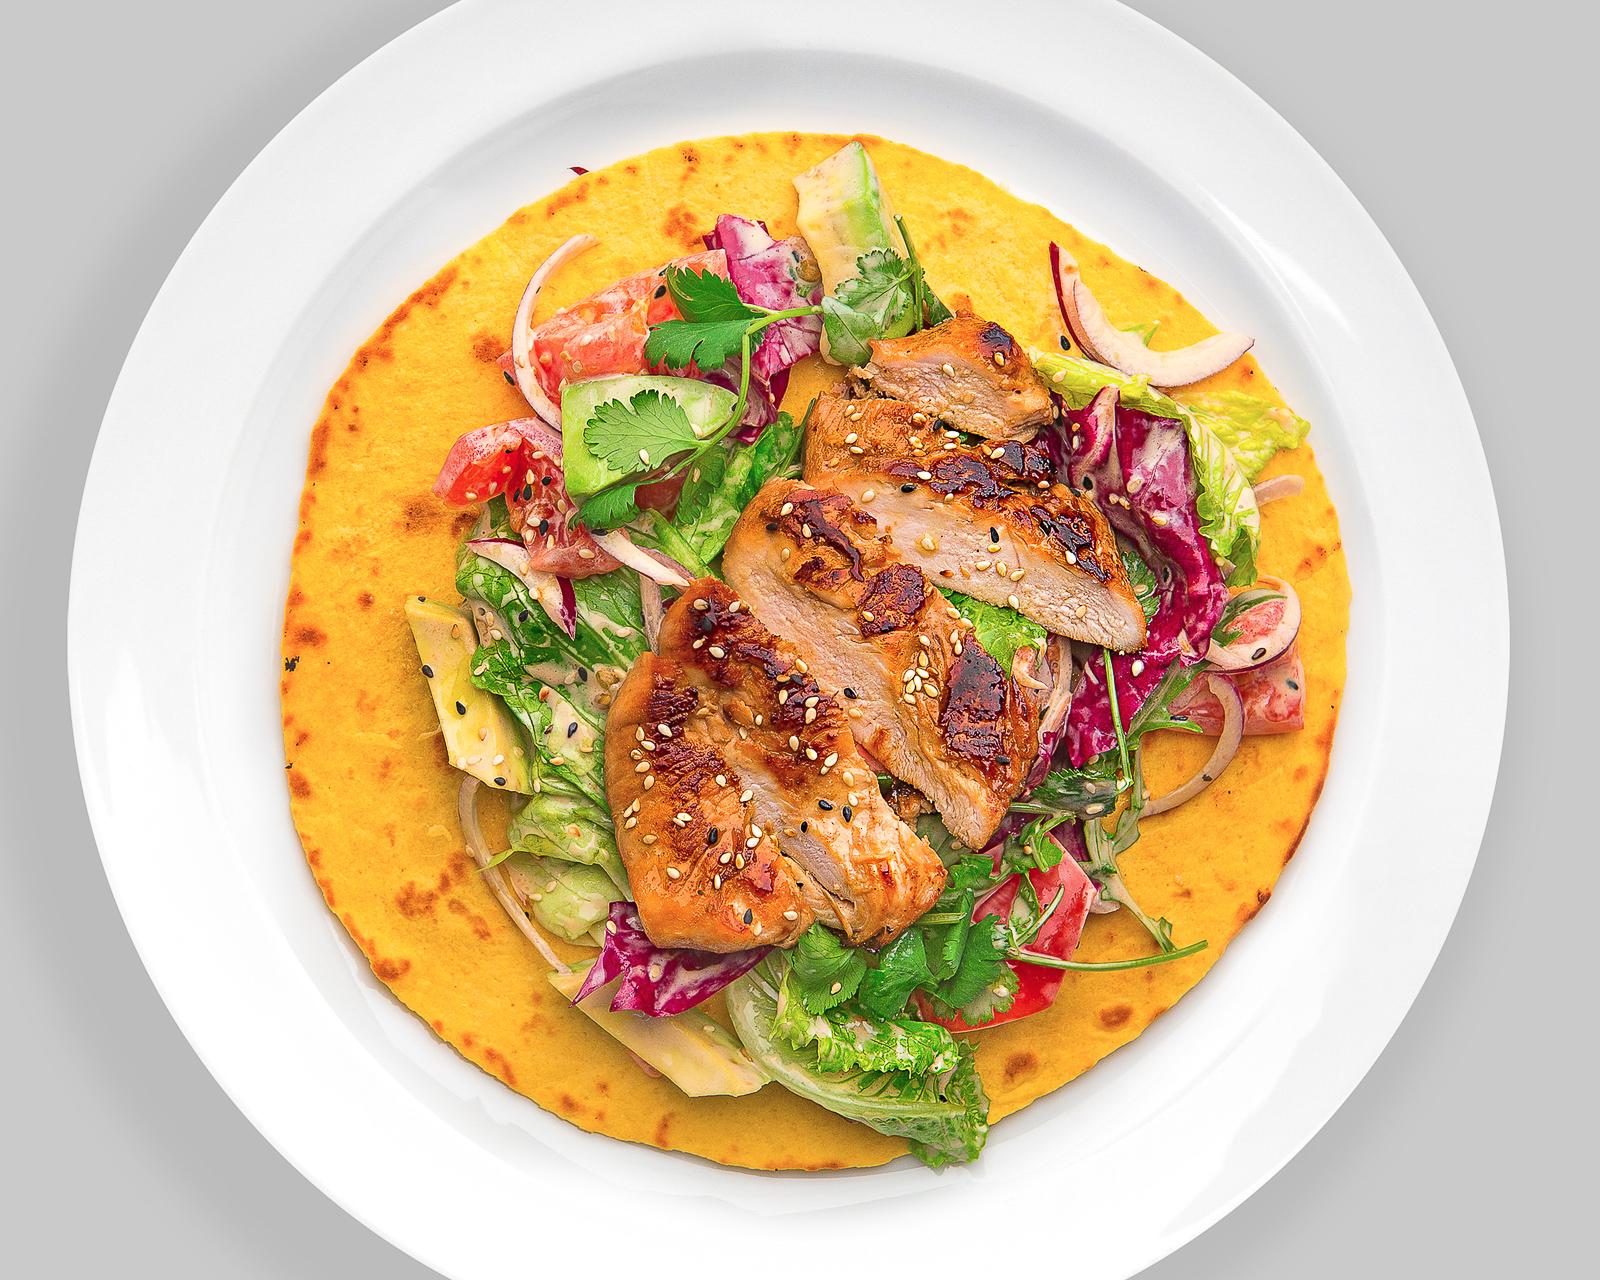 Салат с куриным филе в соусе терияки